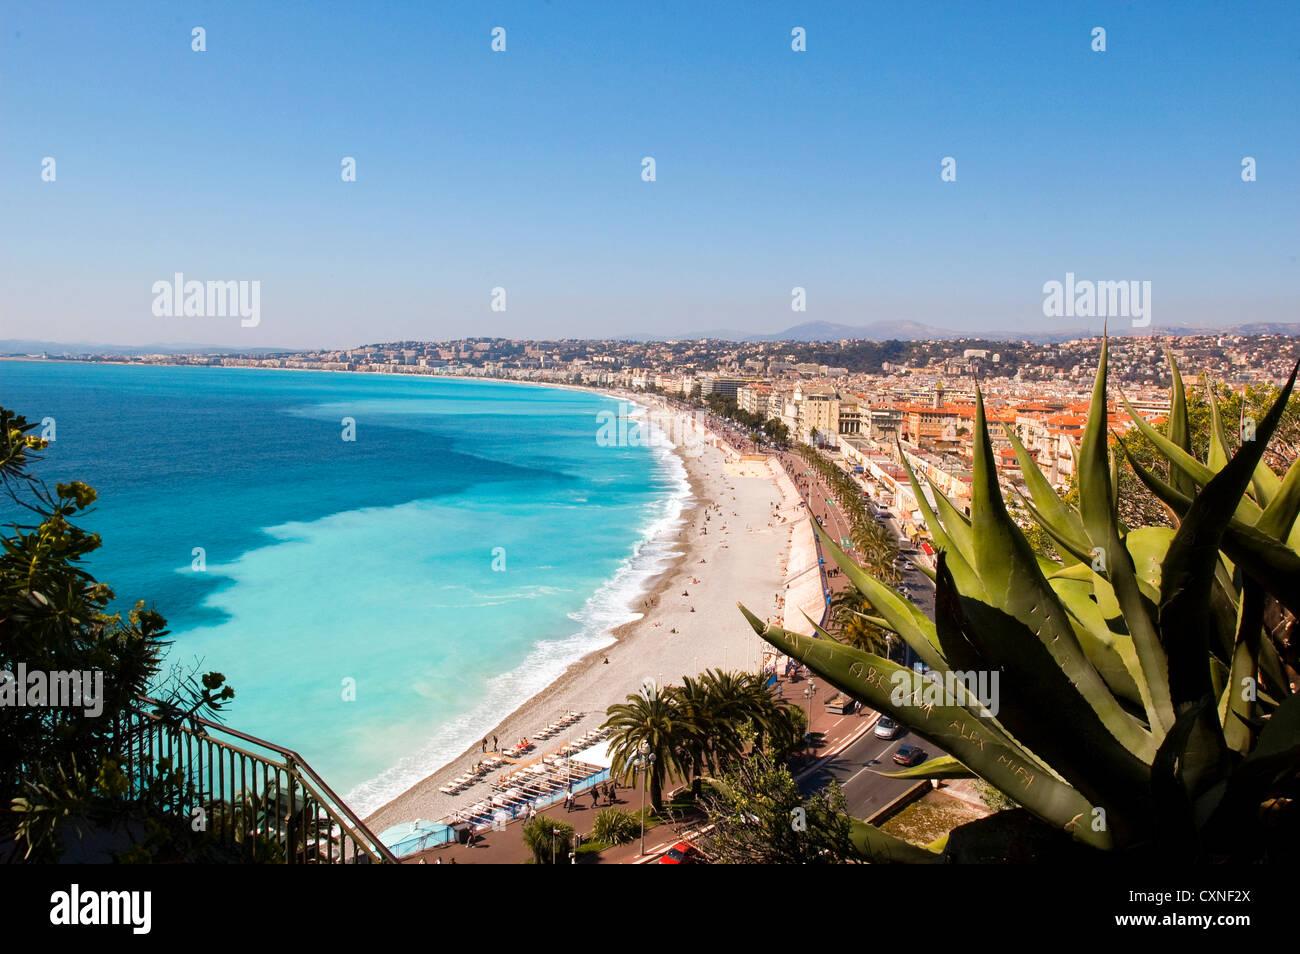 Europa Frankreich Nizza, vom Park und die Hügel der Burg hat einen wunderbaren Blick über die Baie des Stockbild